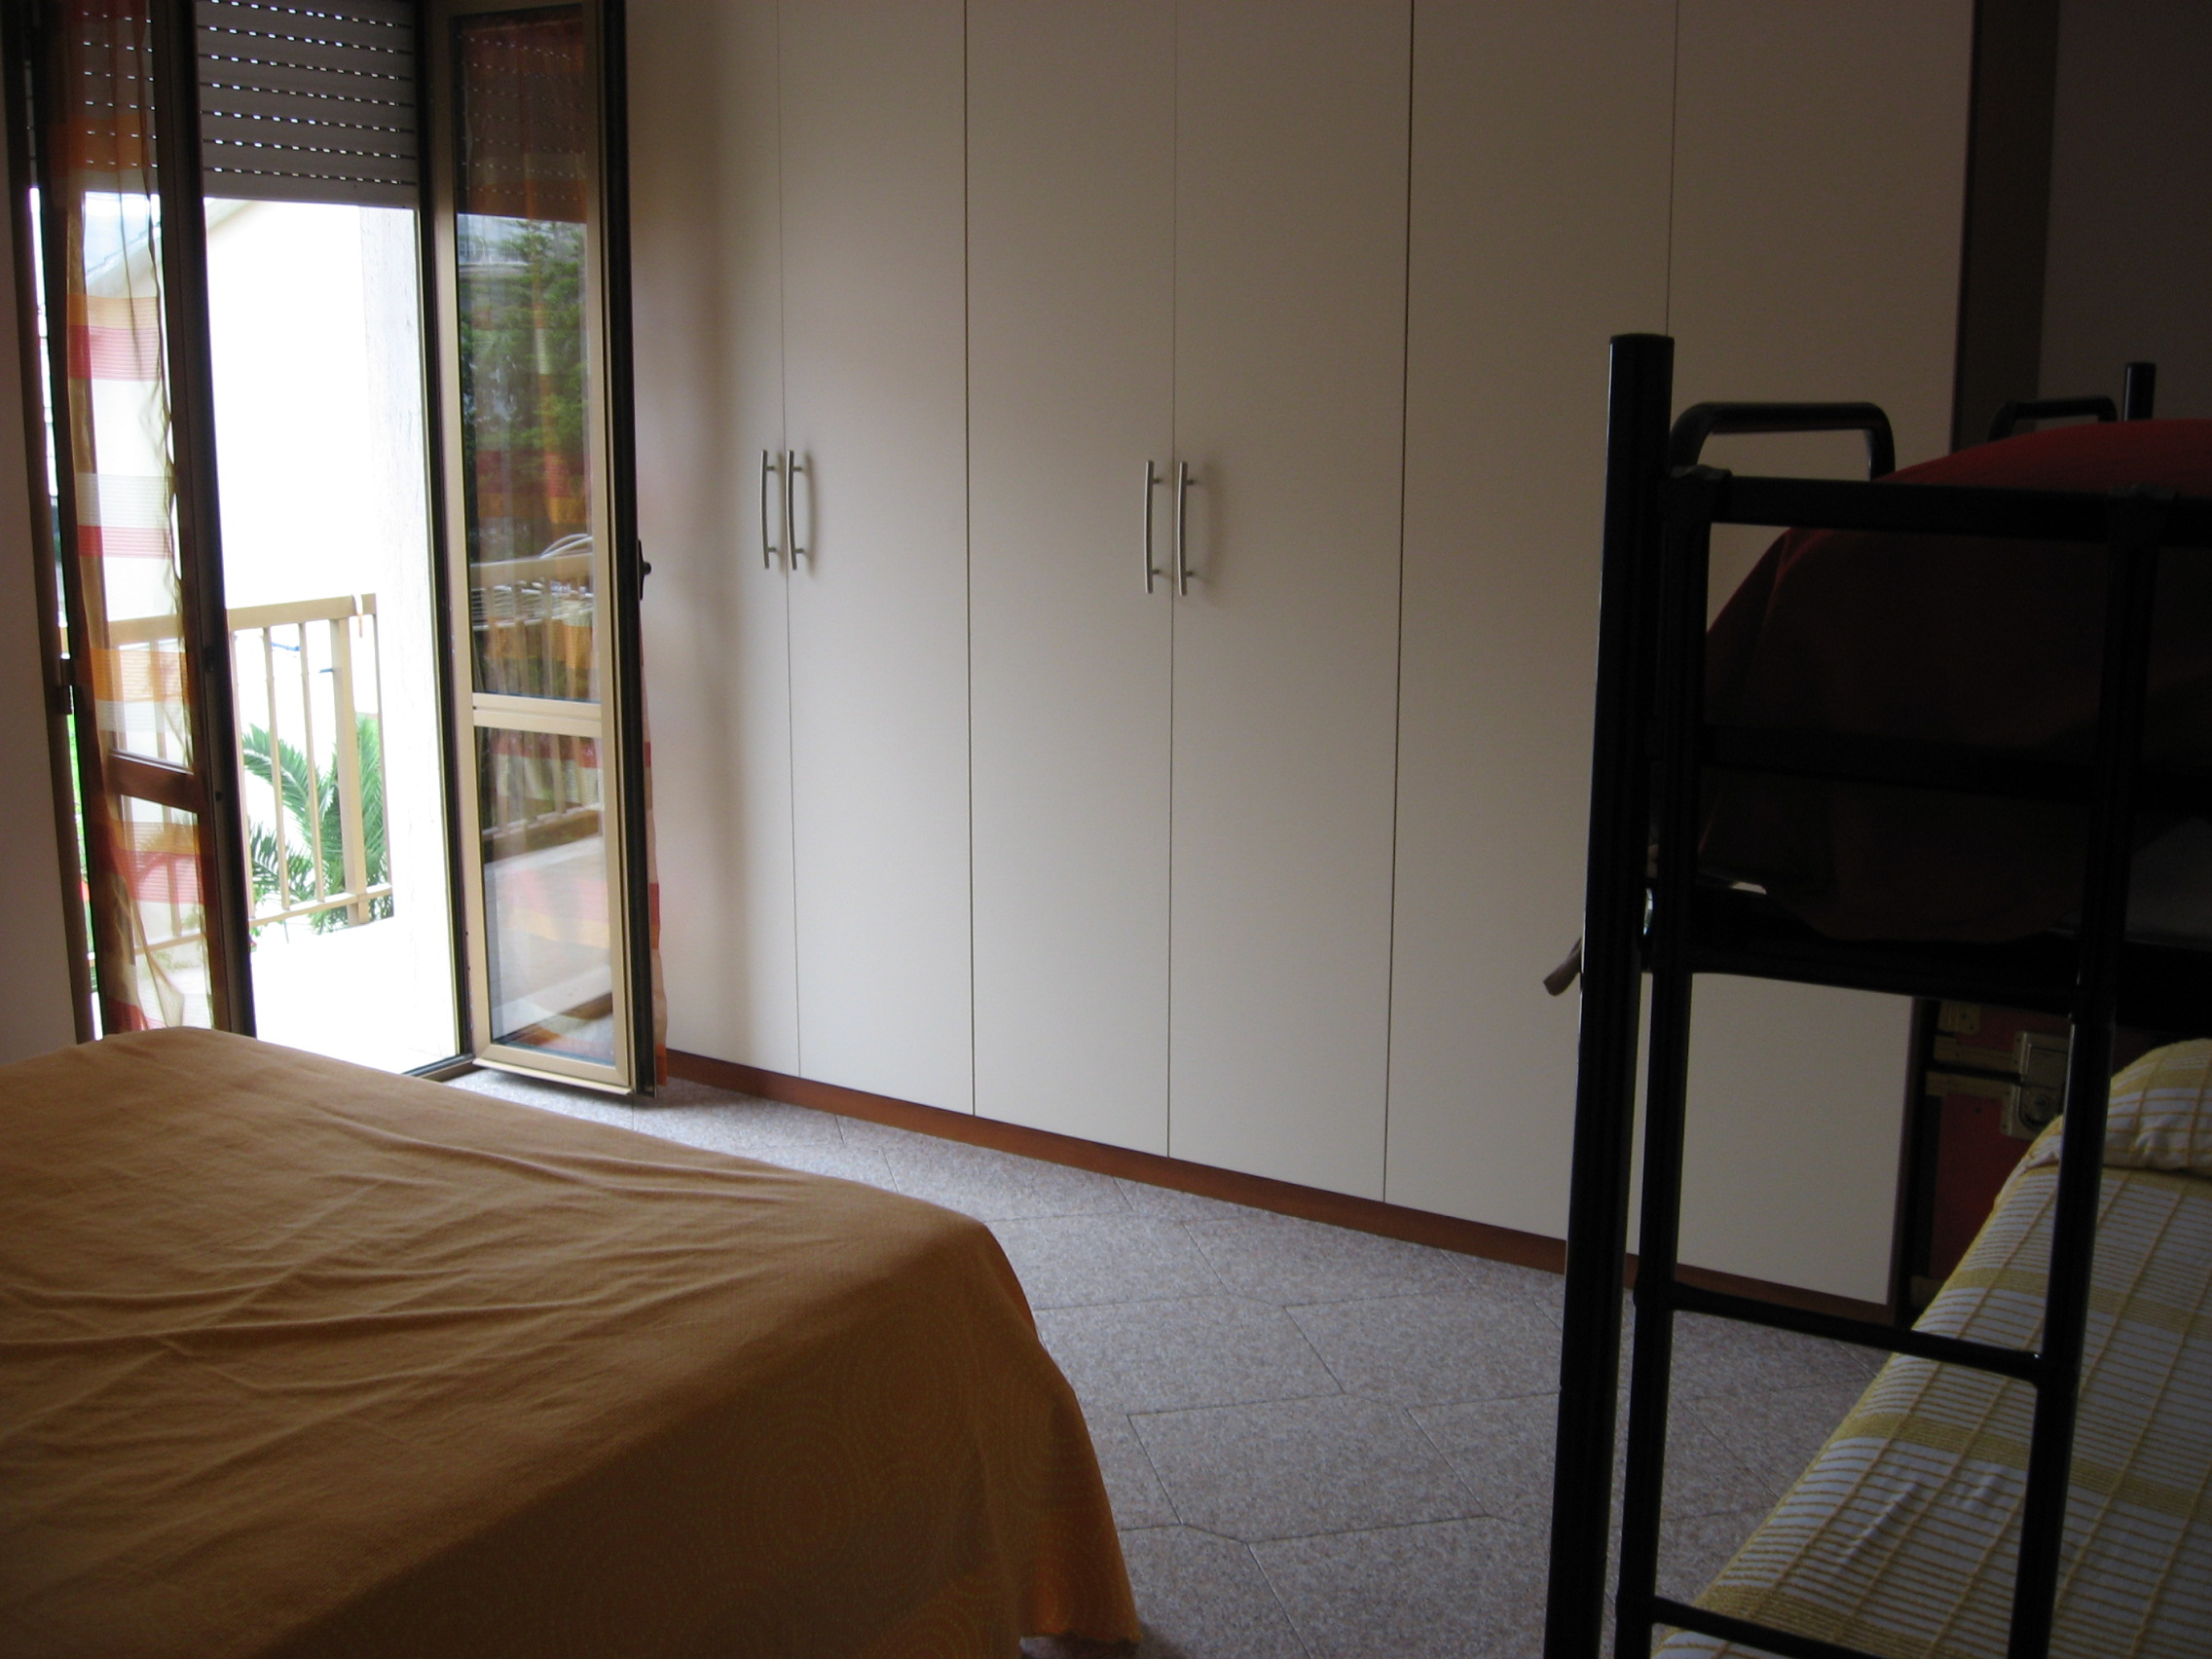 Case vacanze - Casa Vacanze A san Benedetto Del Tronto mare